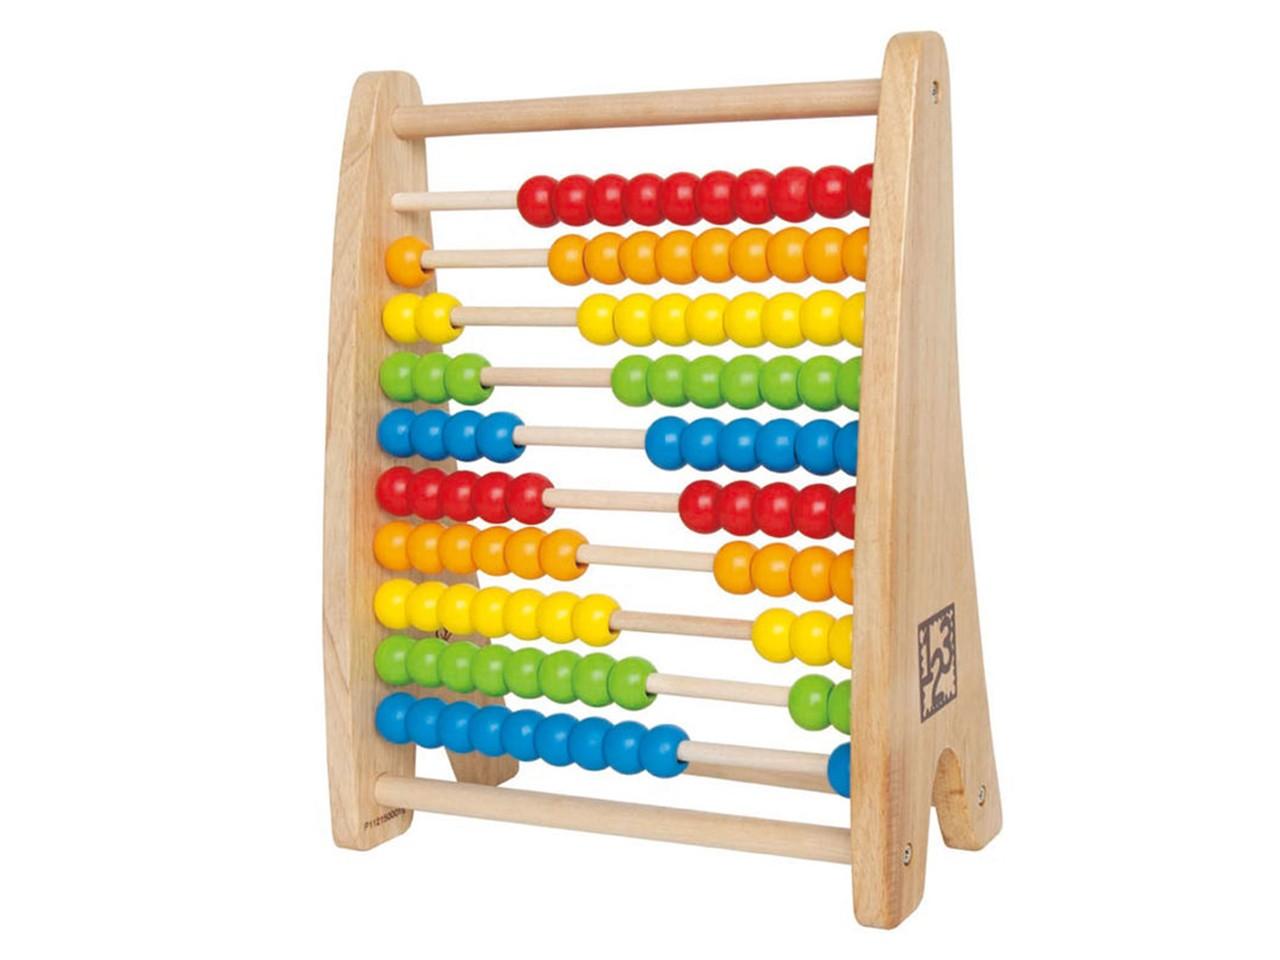 ألعاب خشبية للأطفال ـ عداد قوس قزح